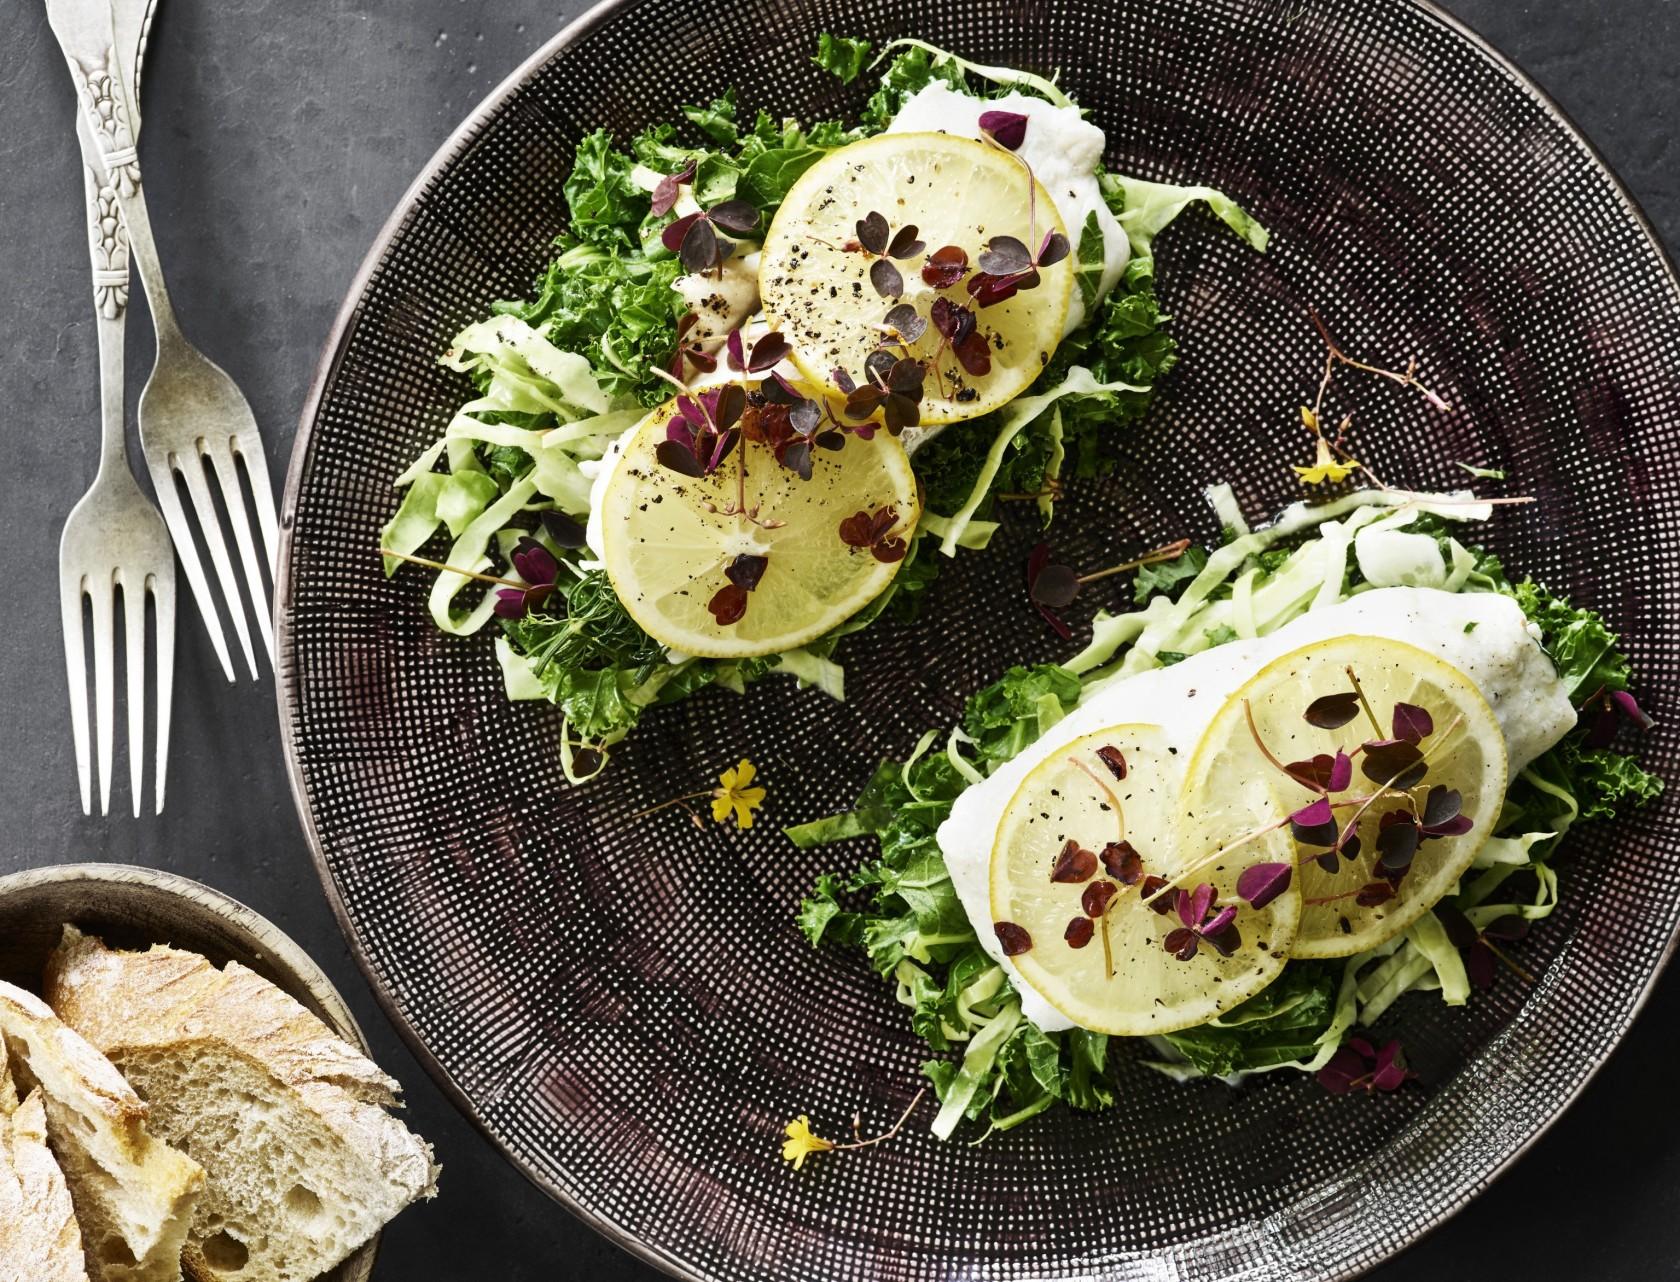 Dampet slethvarrulle med grønkål og spidskål - god opskrift på lækker mad!